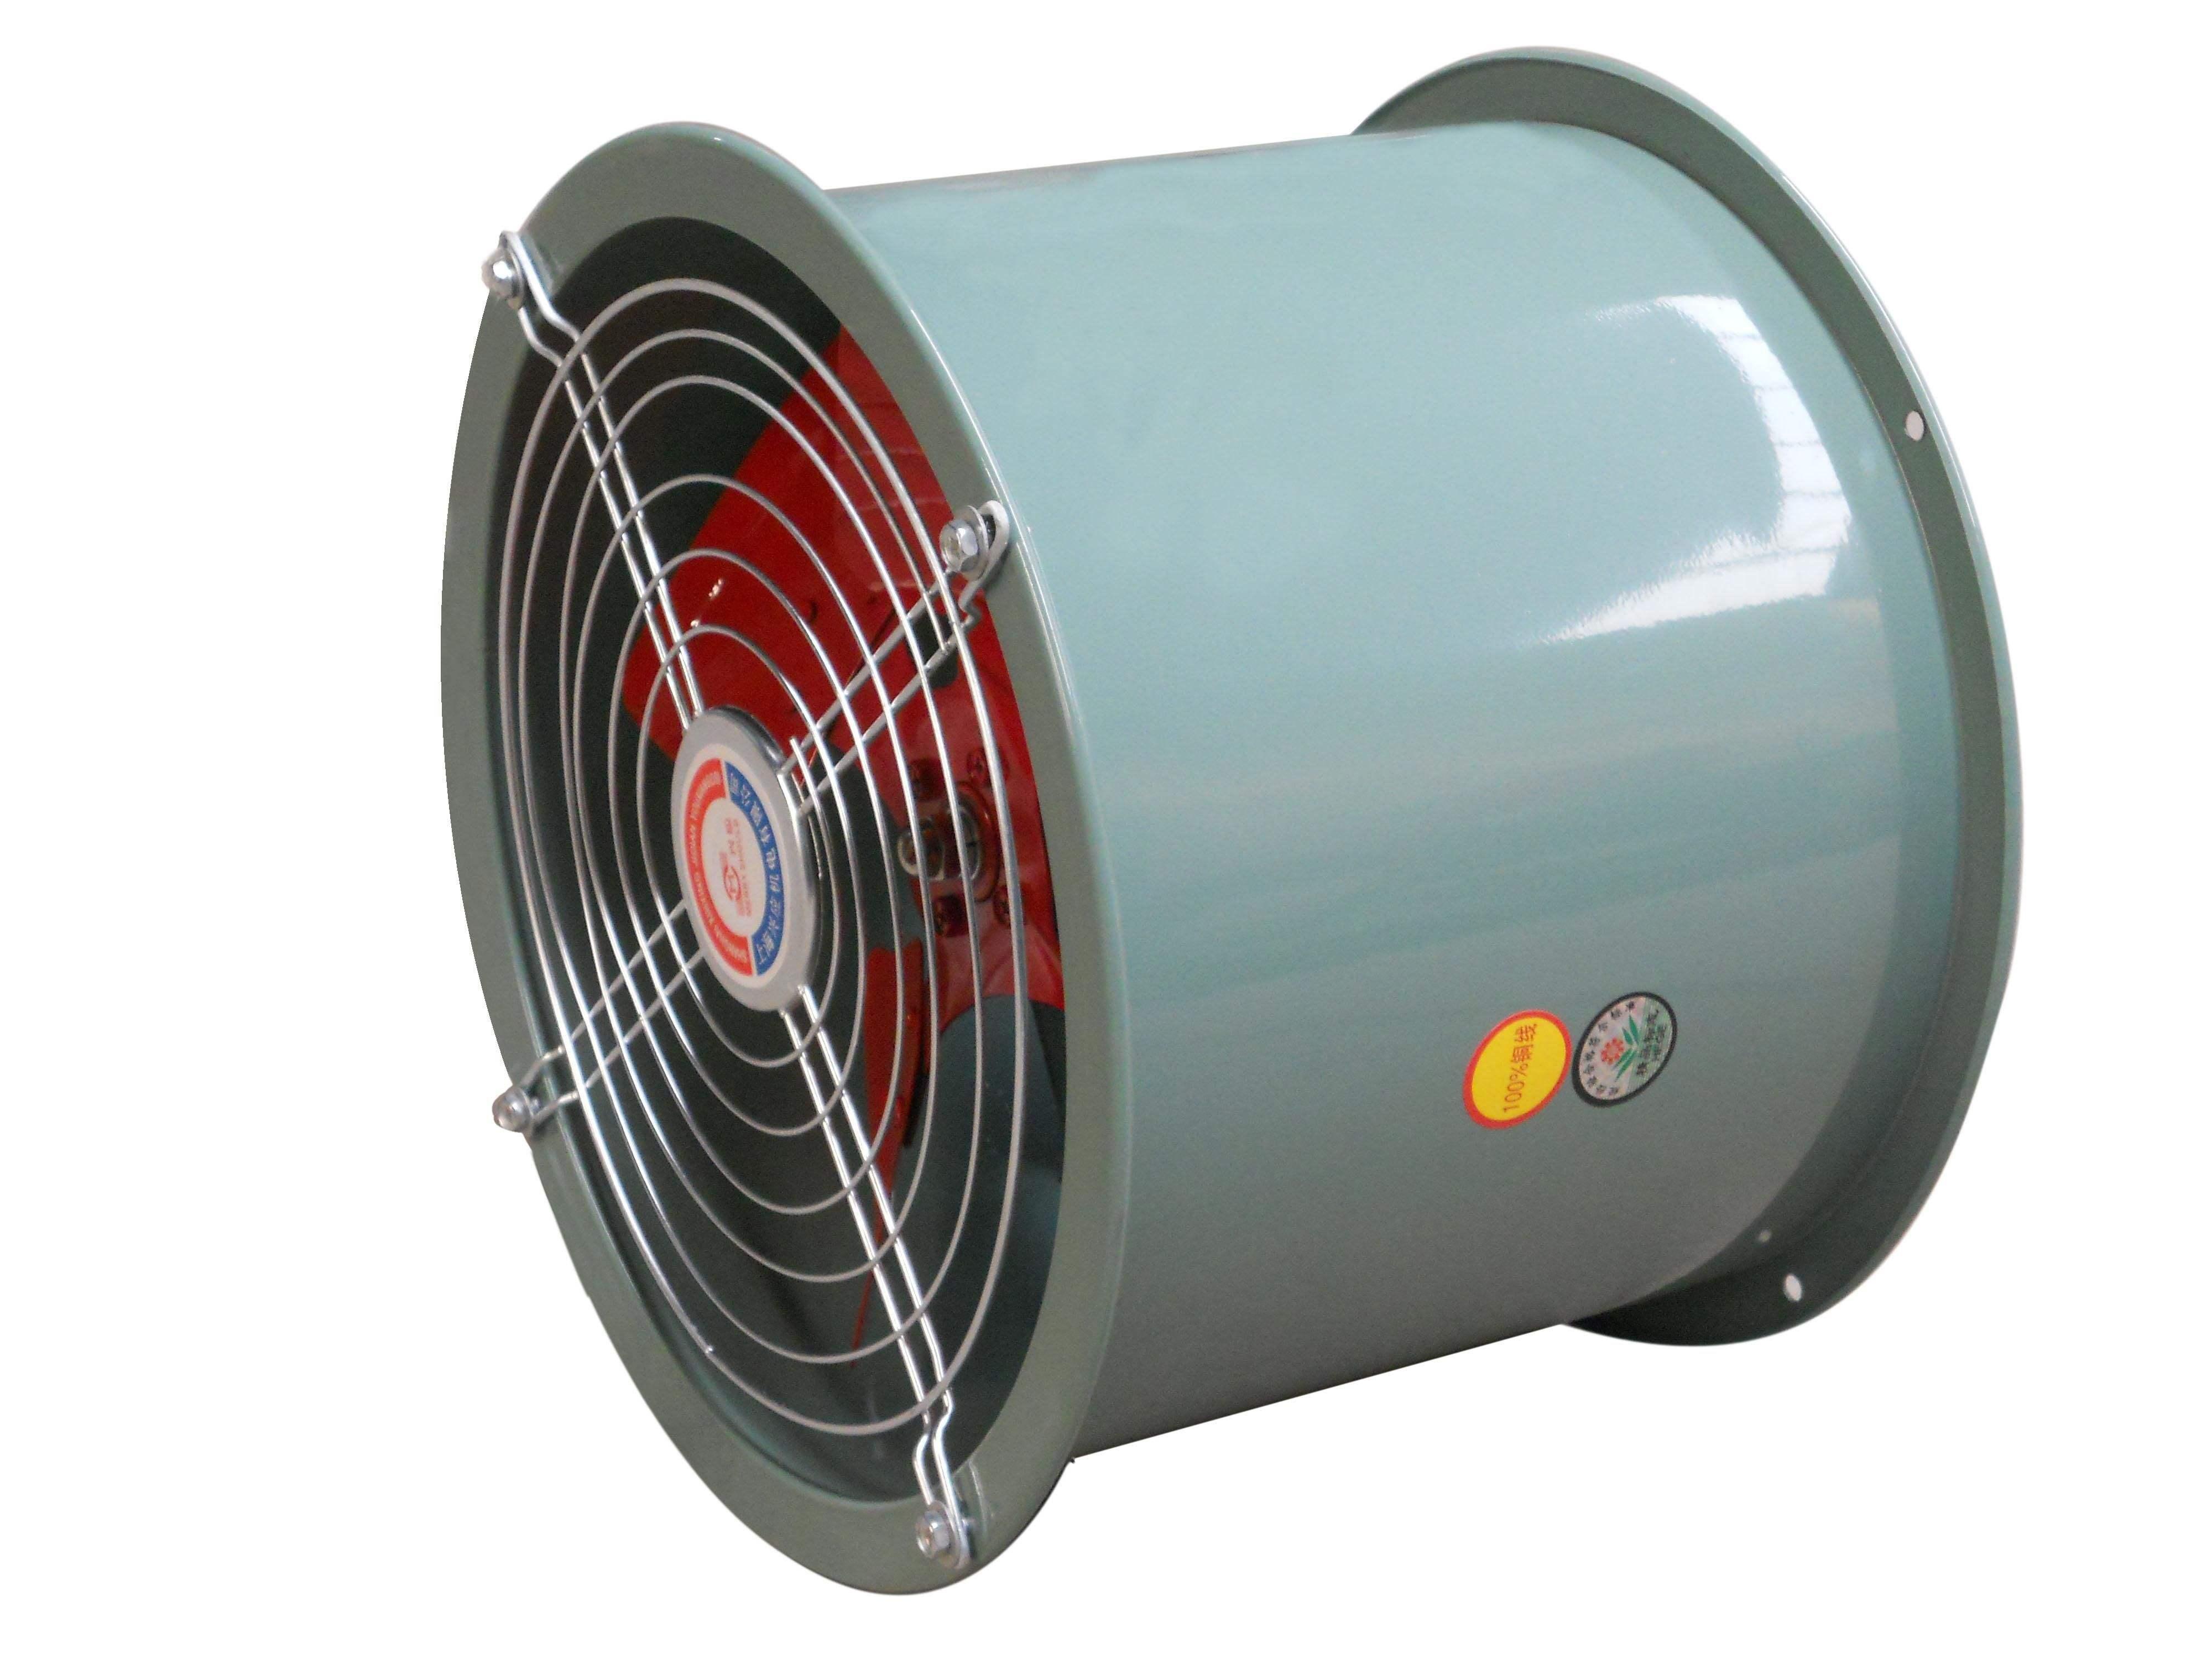 防爆轴流风机规格_cbf-300防爆轴流风机 cbf-300-0.18kw防爆风机